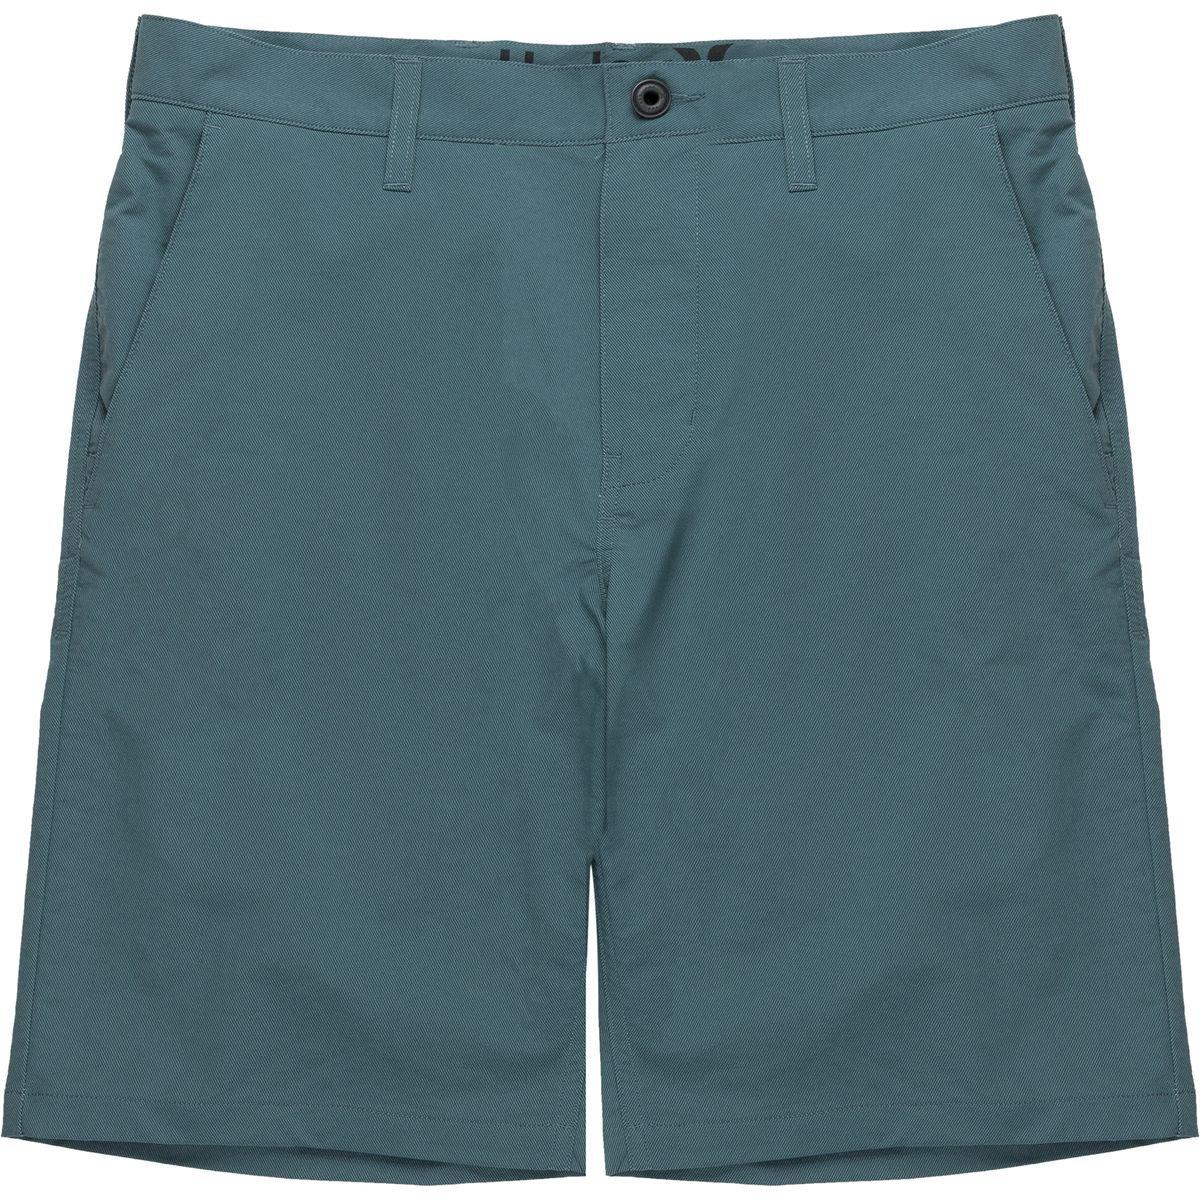 Hurley  Men's Dri-FIT Chino Walkshort Iced Jade Shorts, 36